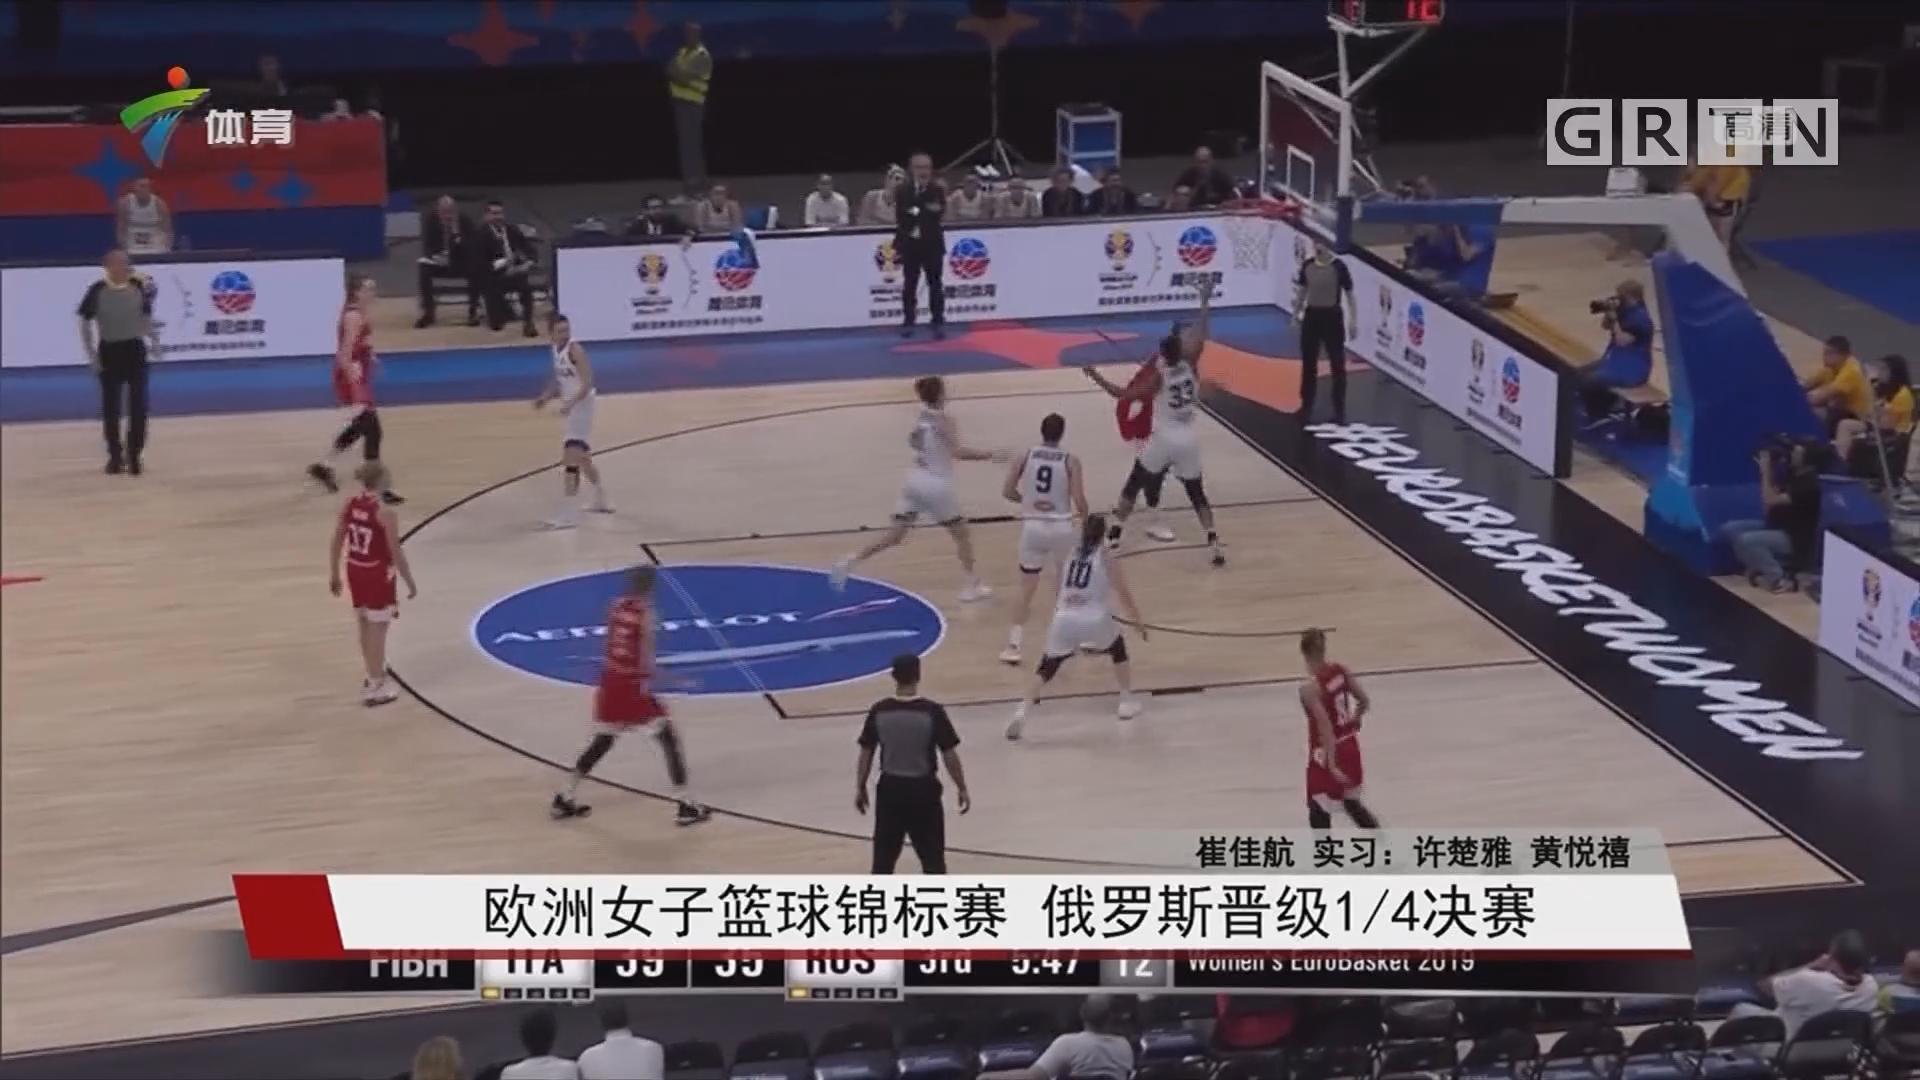 欧洲女子篮球锦标赛 俄罗斯晋级1/4决赛